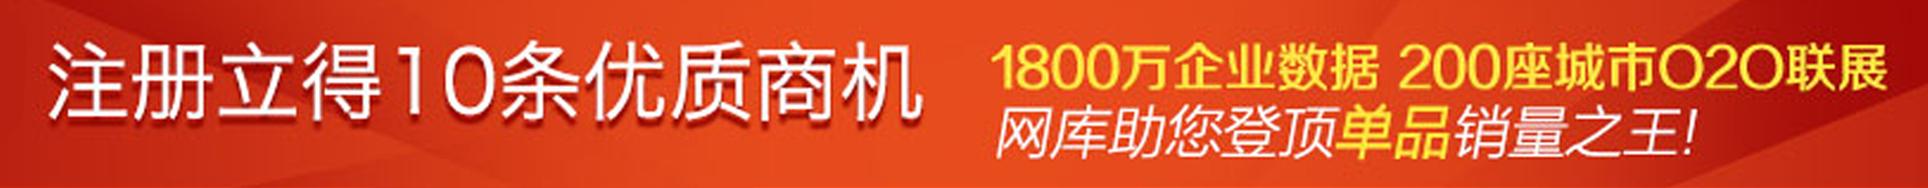 中国羽绒产业网